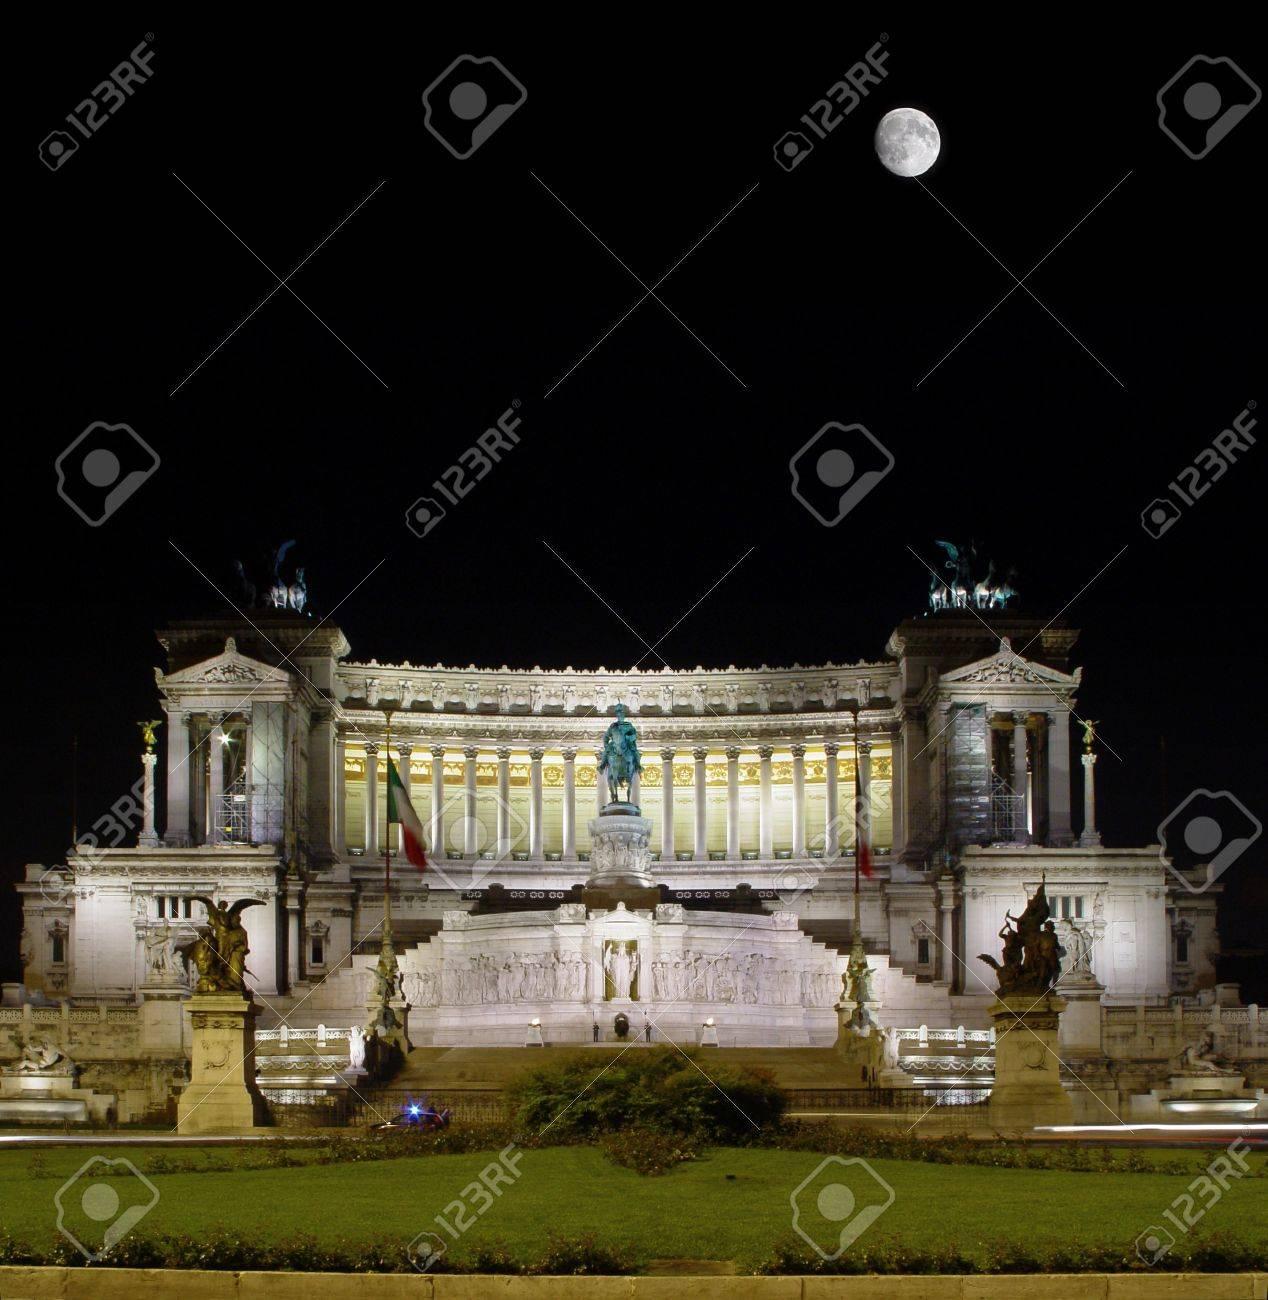 Grand Monument Rome Gateau De Mariage A Fond Noir De Ciel Et De La Lune Piazza Venezia Rome Italie